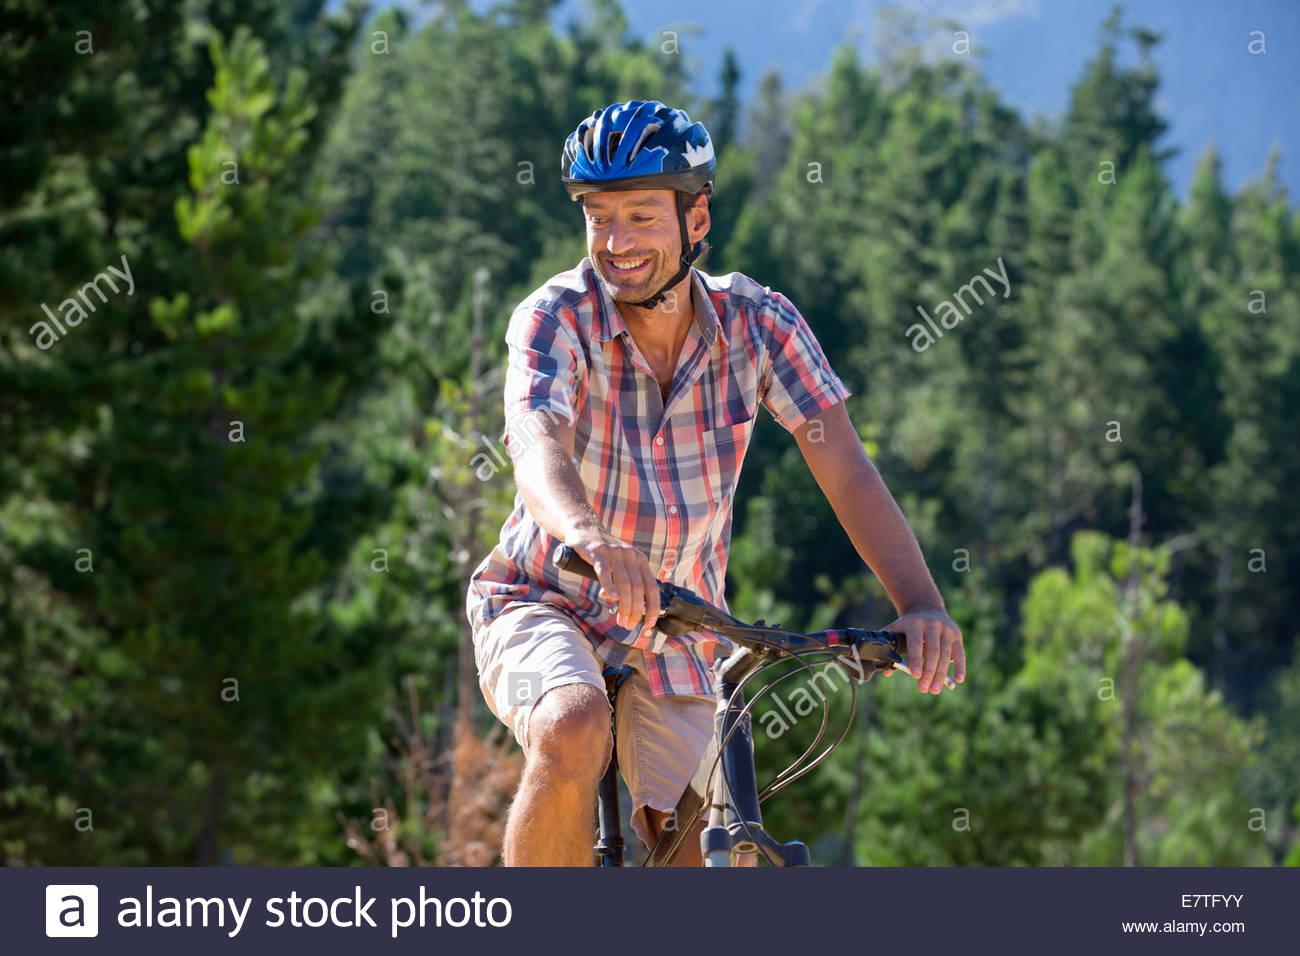 Hombre montando en bicicleta de montaña en el bosque Imagen De Stock